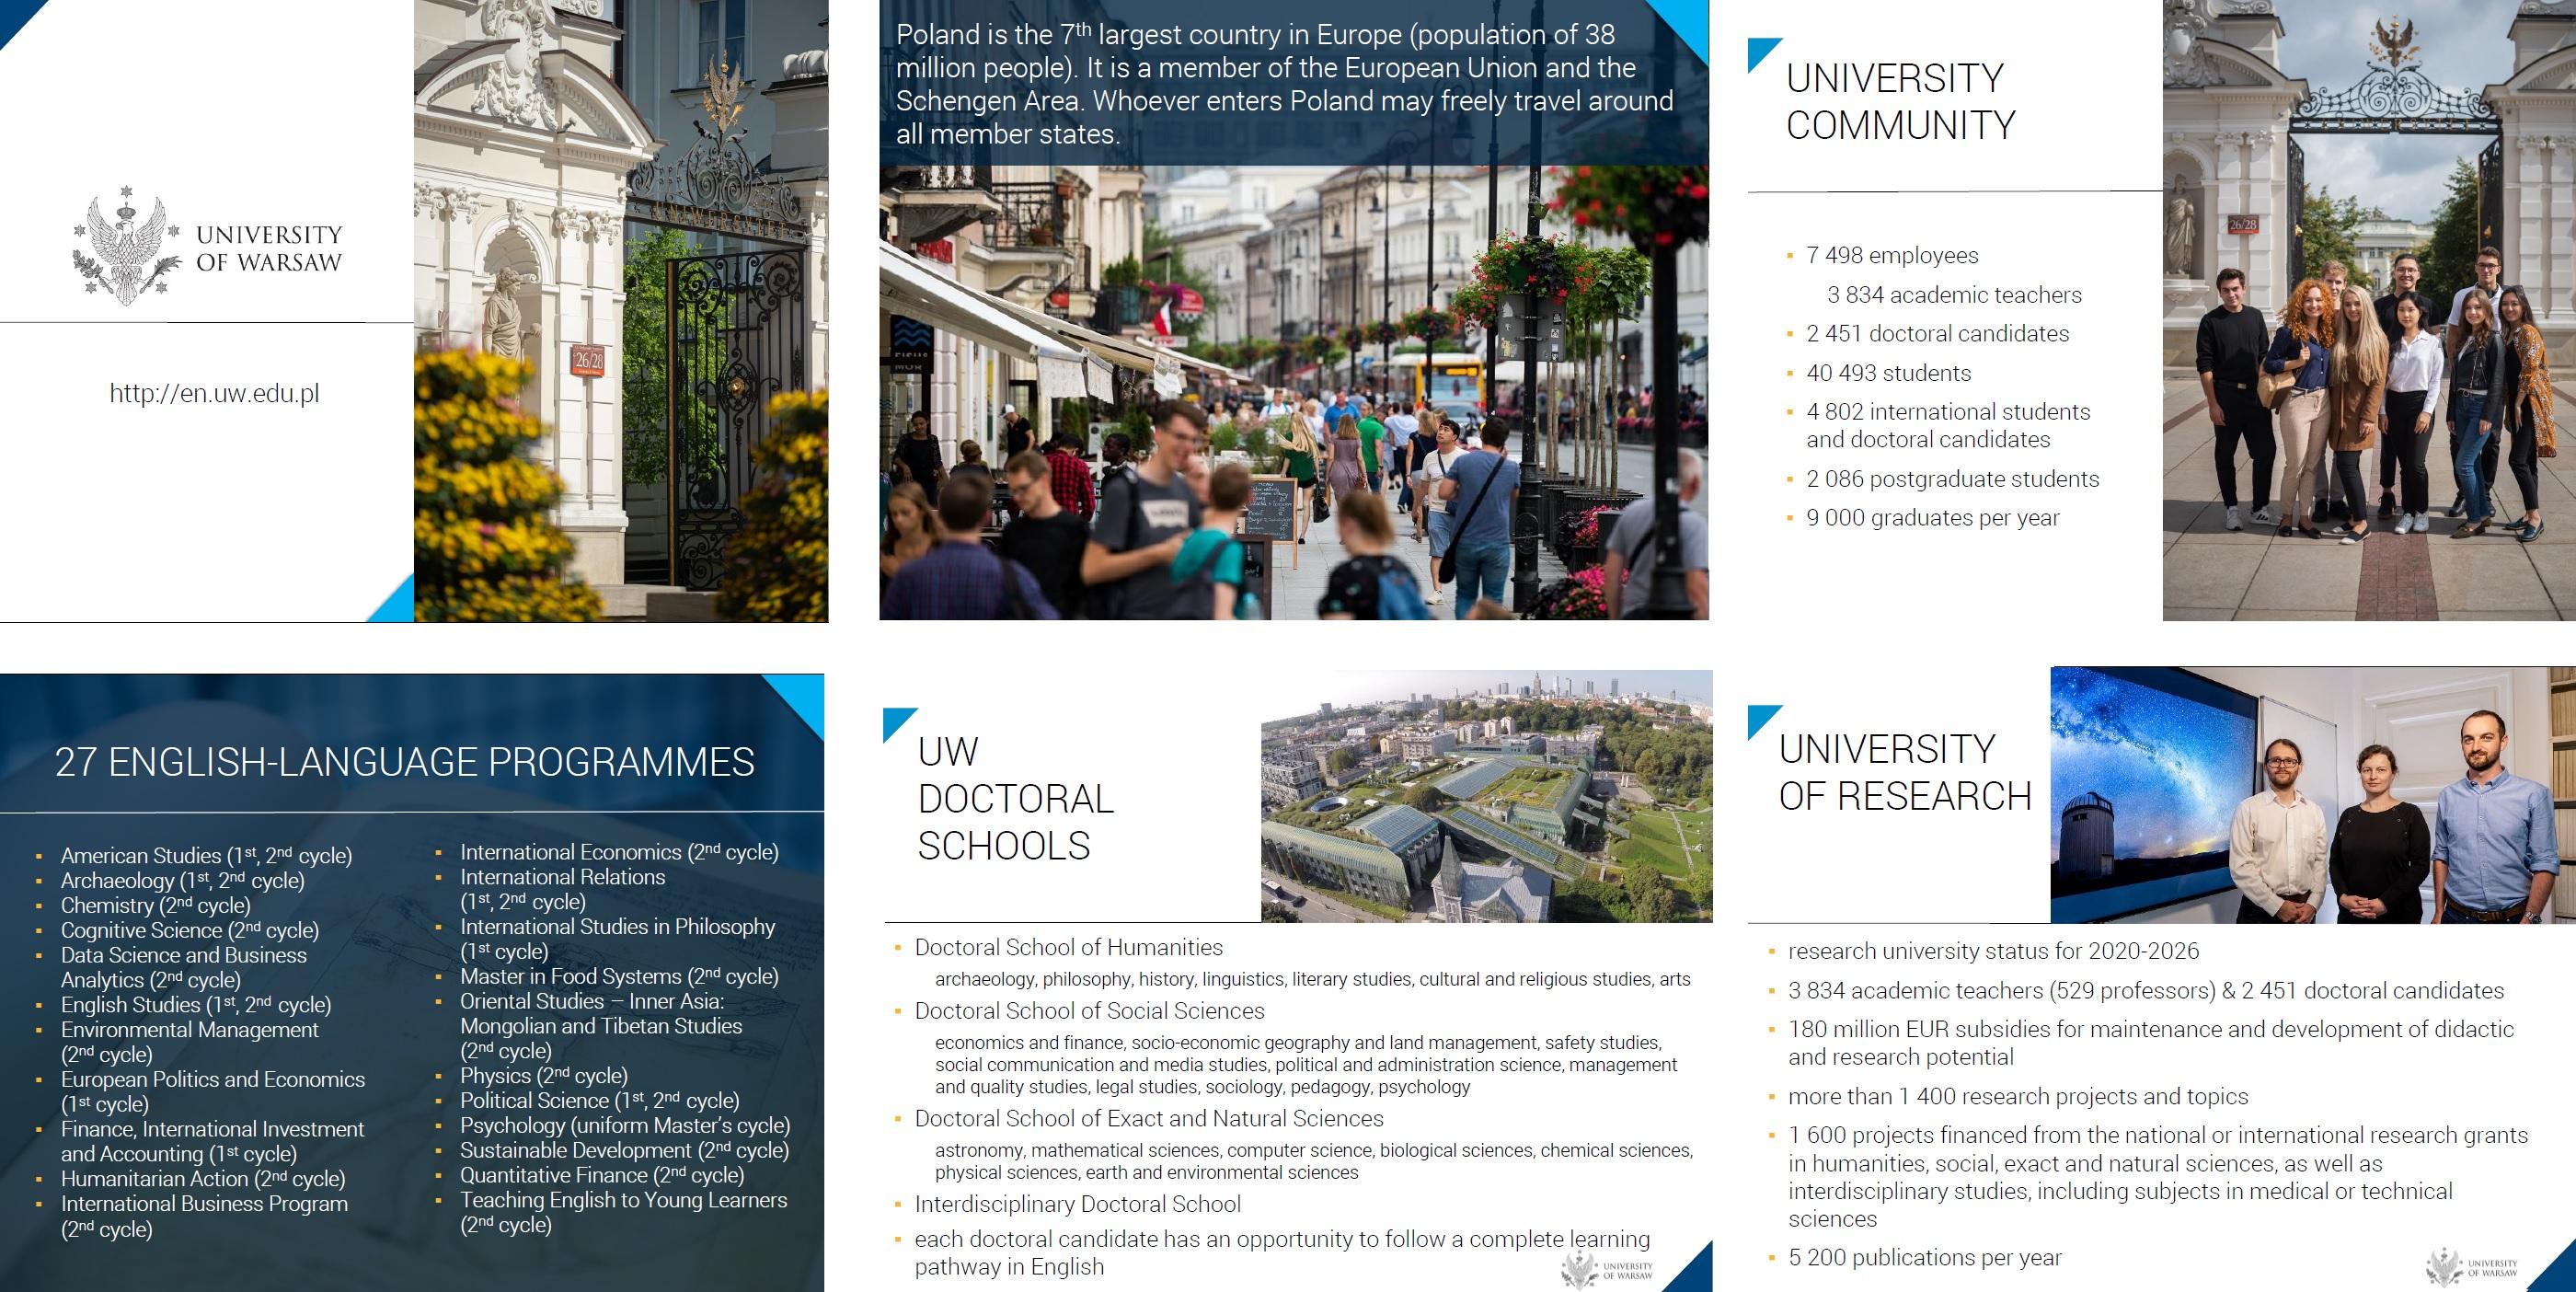 Prezezntacja o UW w języku angielskim, wersja dłuższa